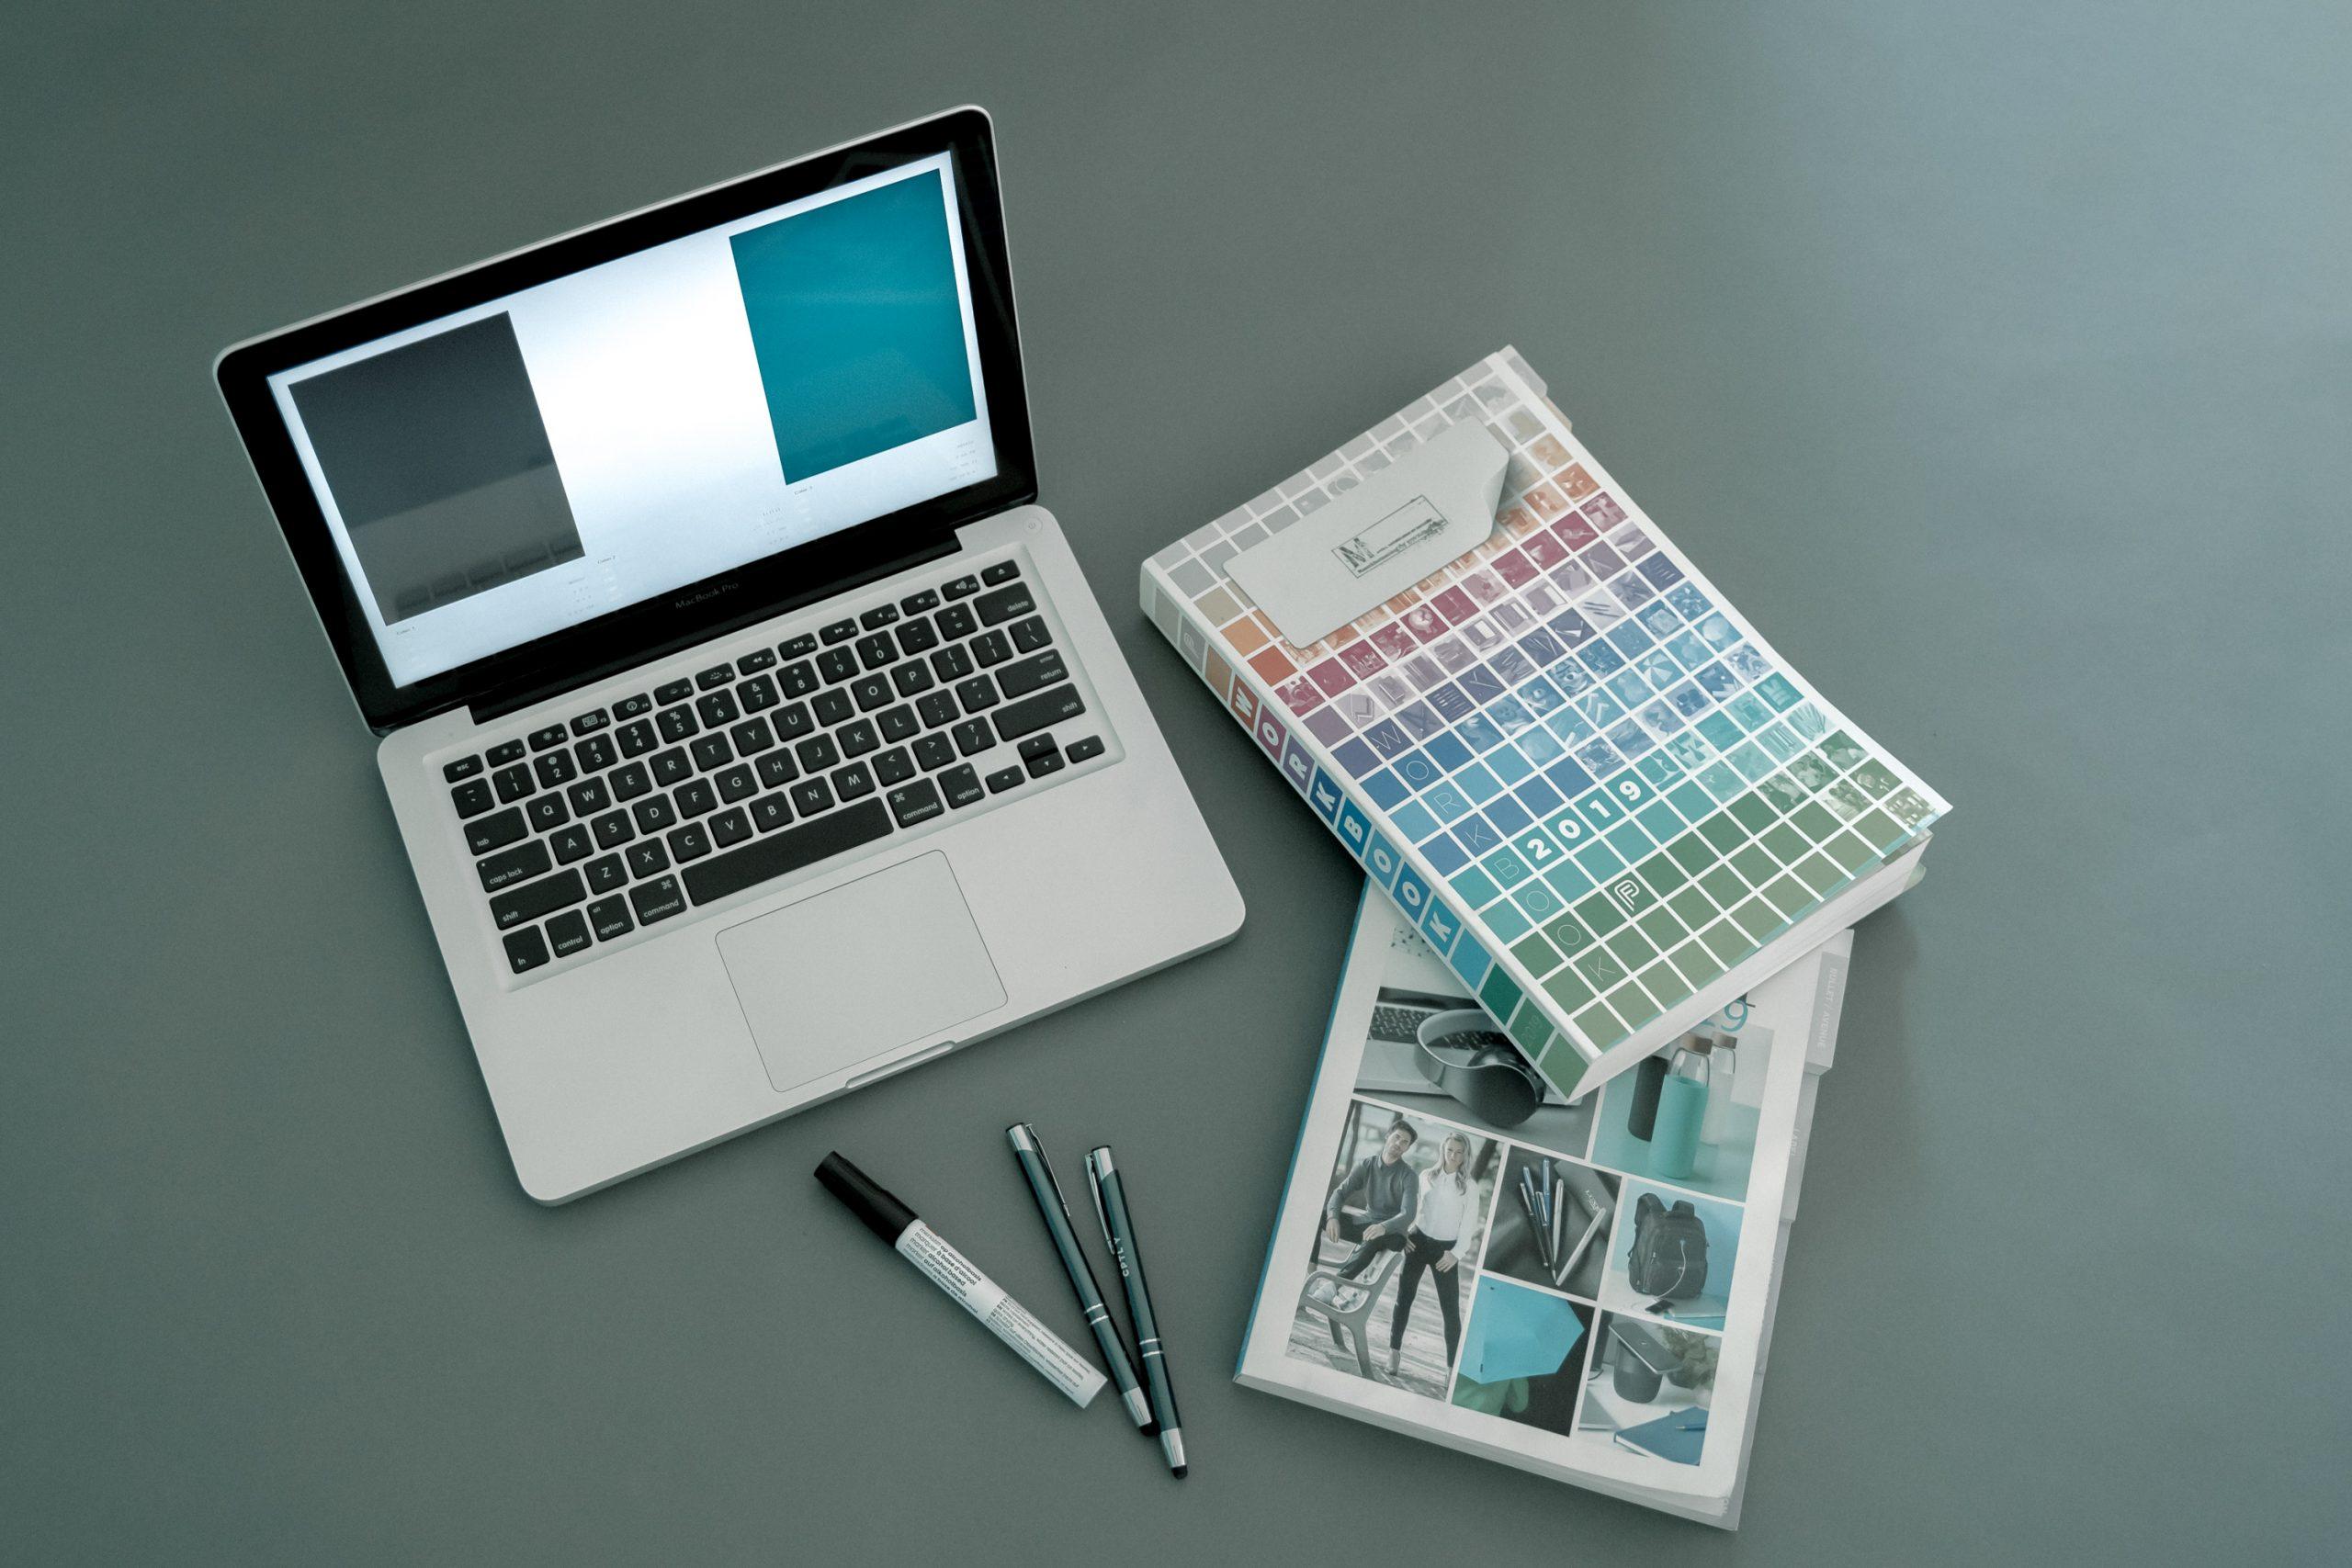 Laptop en boeken om te brainstormen over een huistijl. Bij een blog over branding en corporate identity.